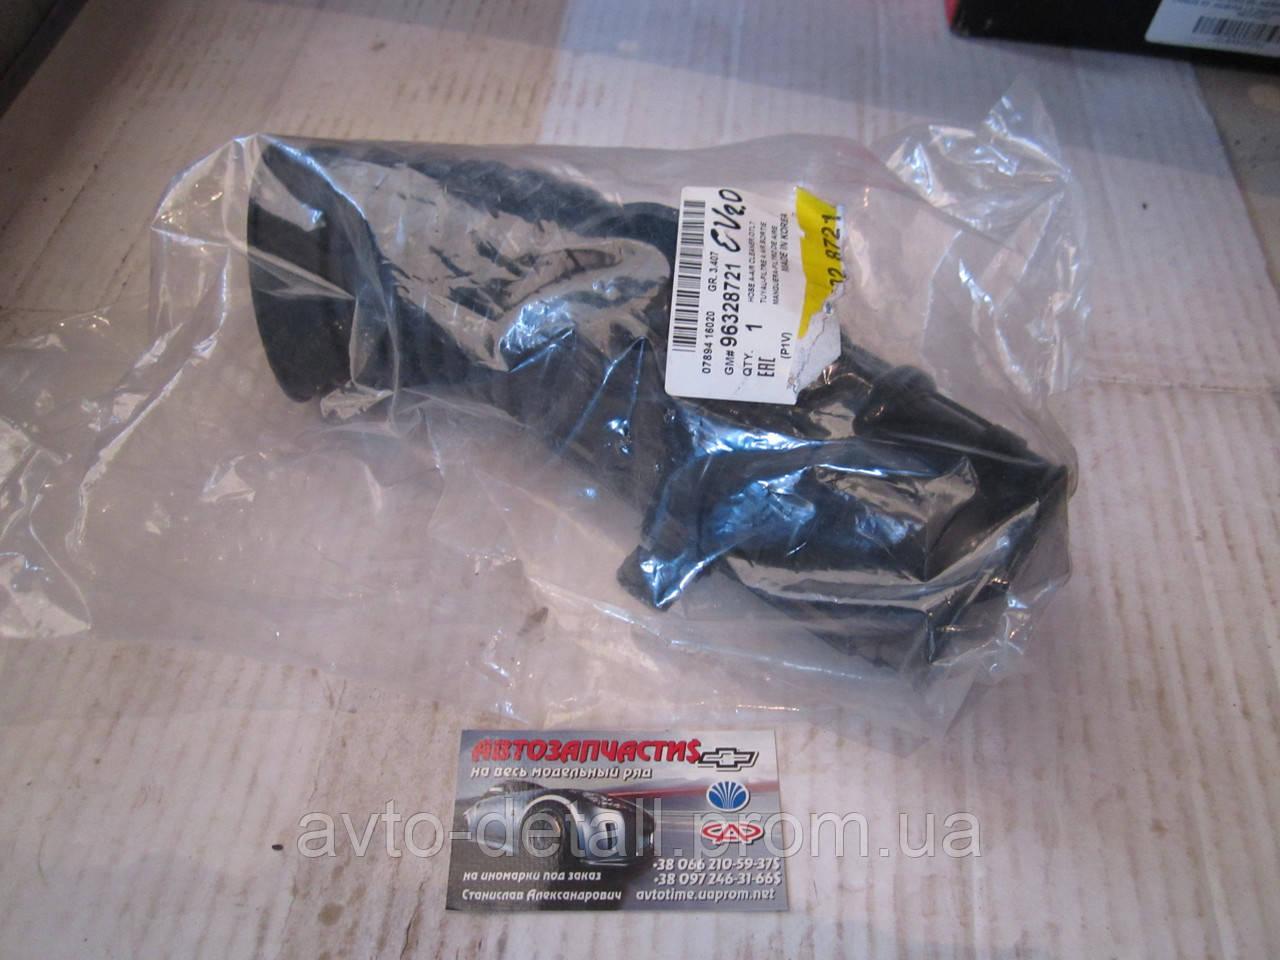 Патрубок повітряного фільтра Еванда 2,0 GM 9638721